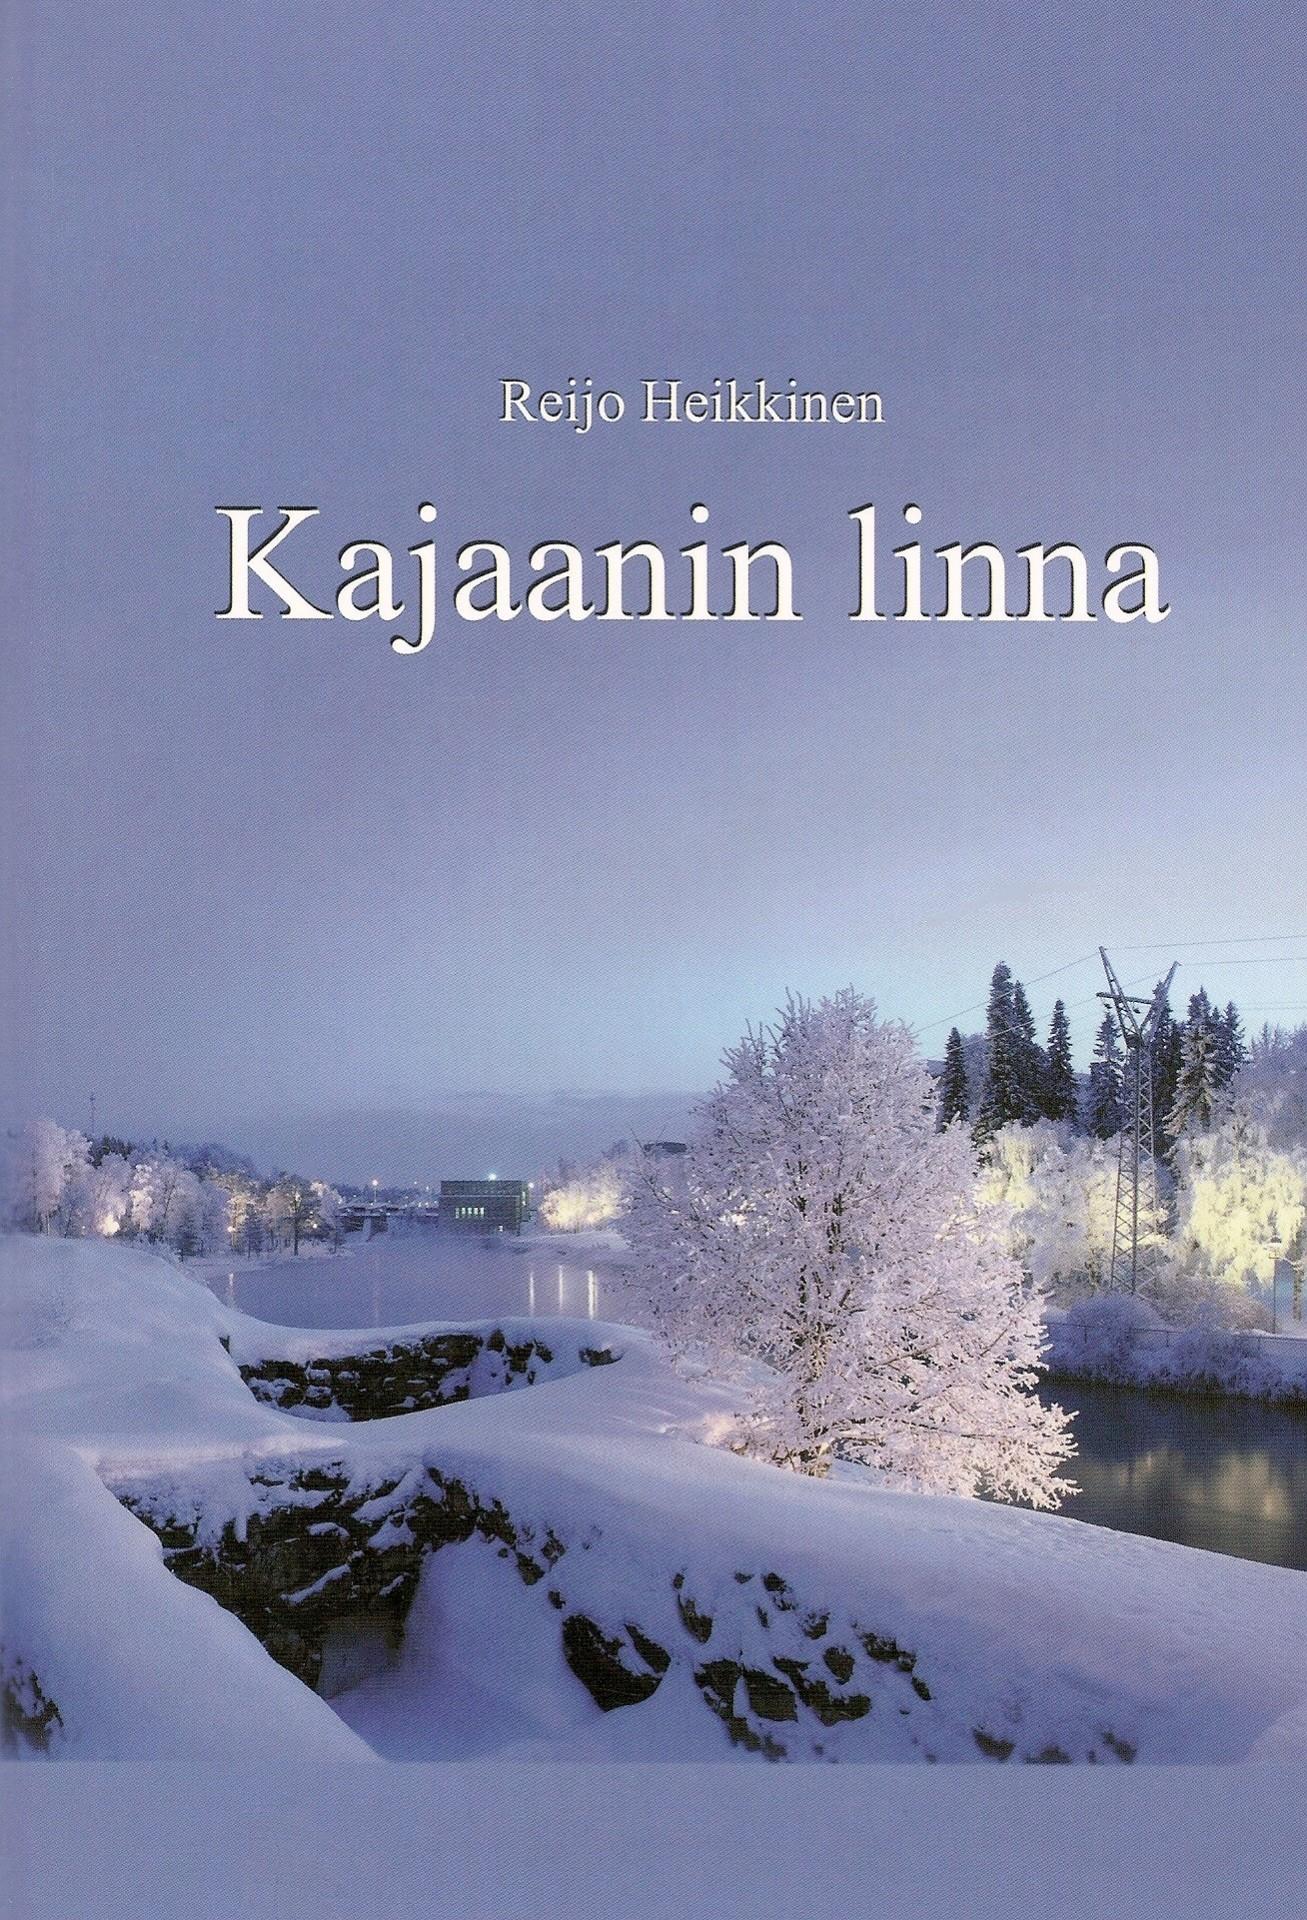 Kajaanin linna - Västinki vuosisatojen virrassa 2004